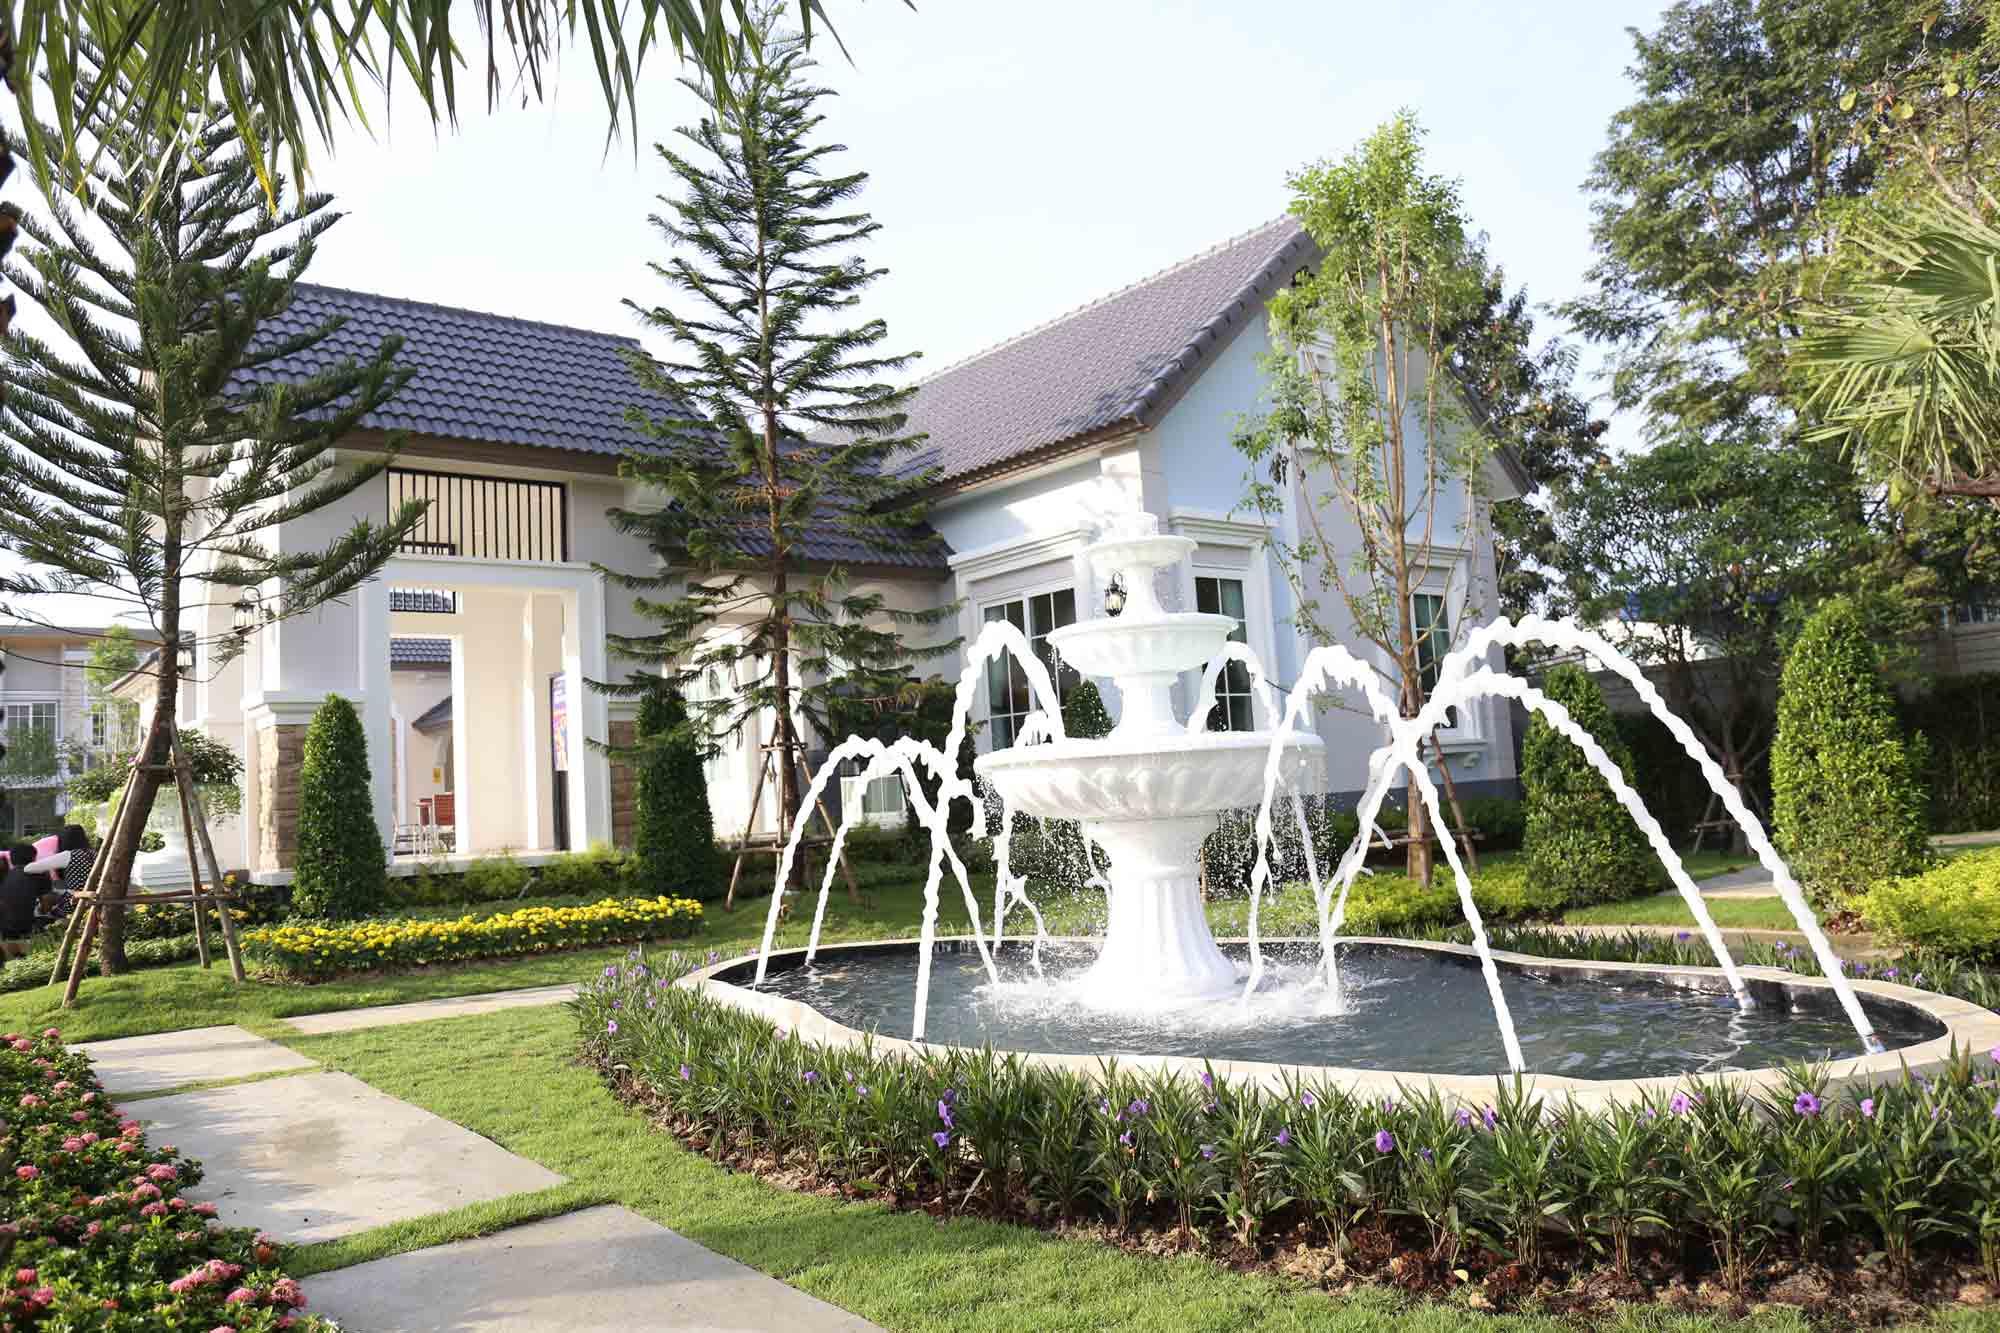 บ้าน โกลเด้น ทาวน์ 2 ปิ่นเกล้า-จรัญสนิทวงศ์